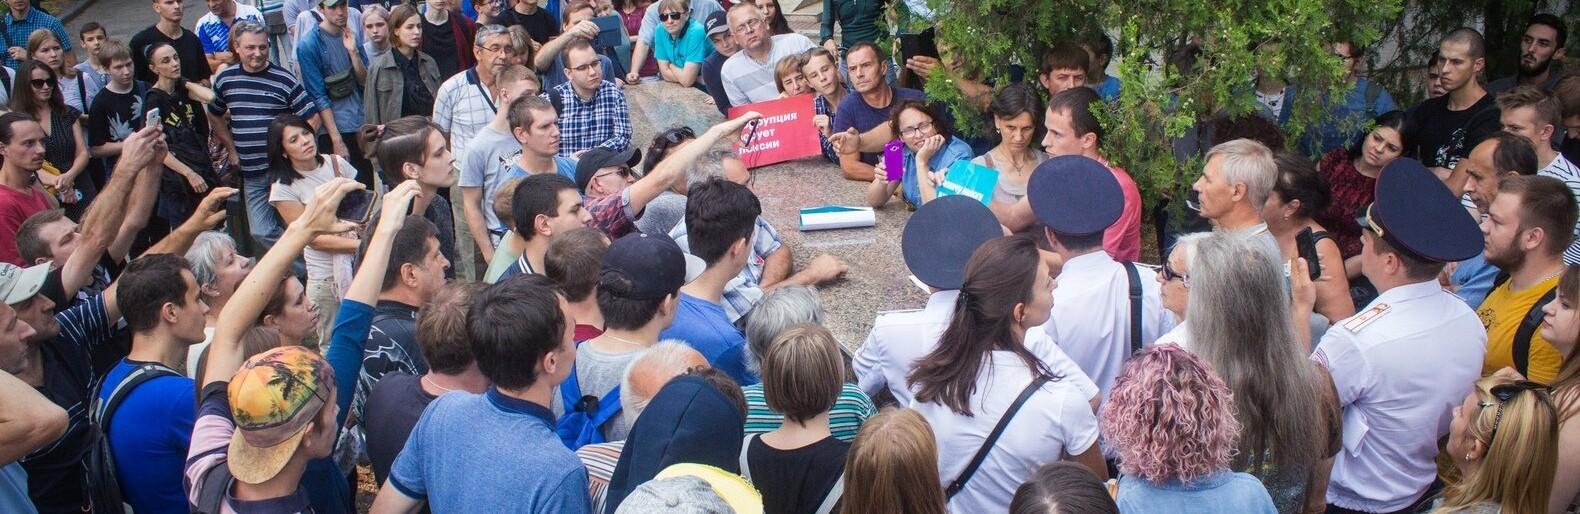 Ростовским школьникам пригрозили штрафами за участие в протестах